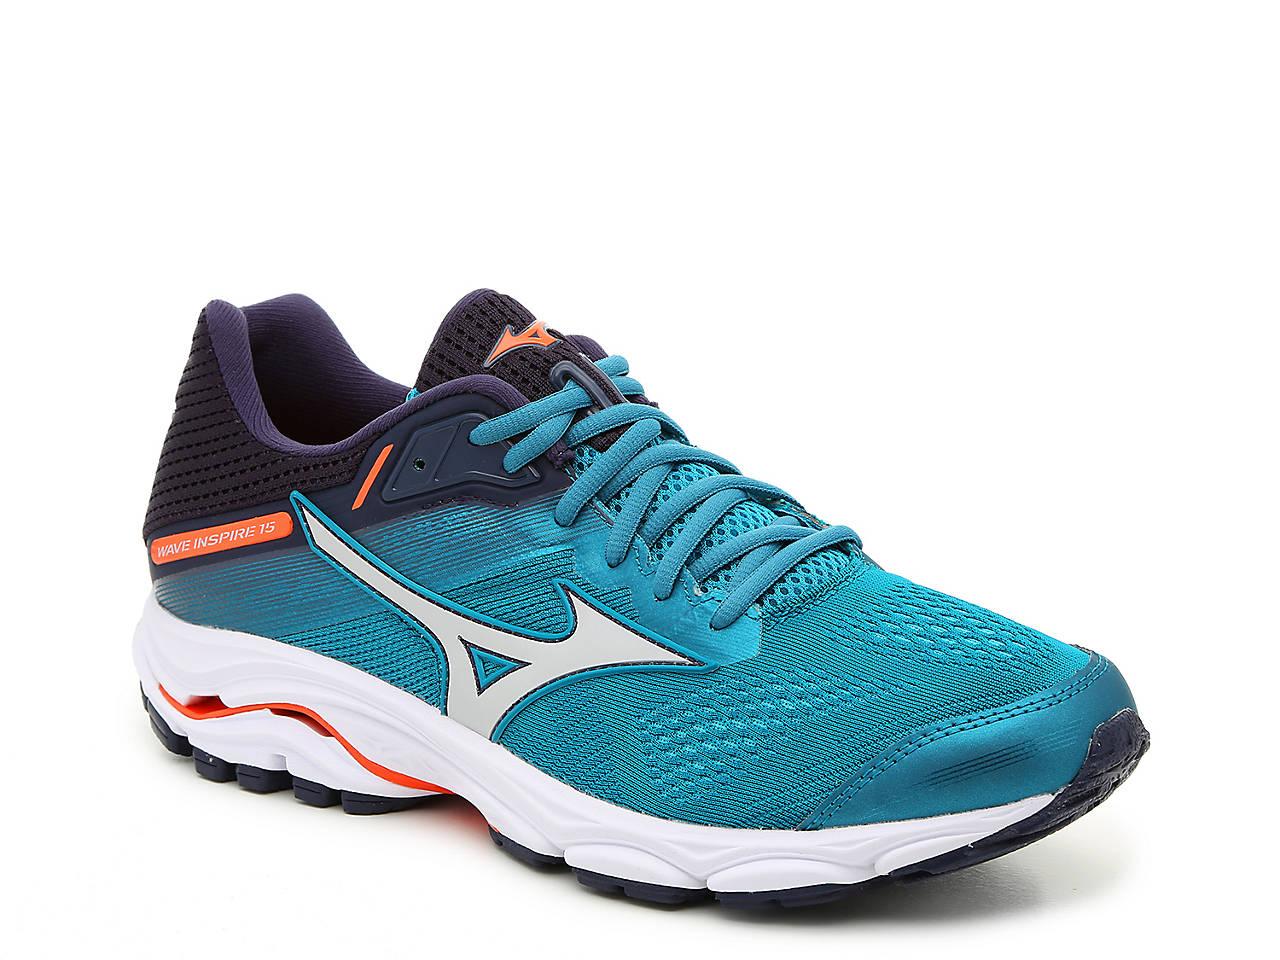 f74262e95505 Mizuno Wave Inspire 15 Running Shoe - Men s Men s Shoes